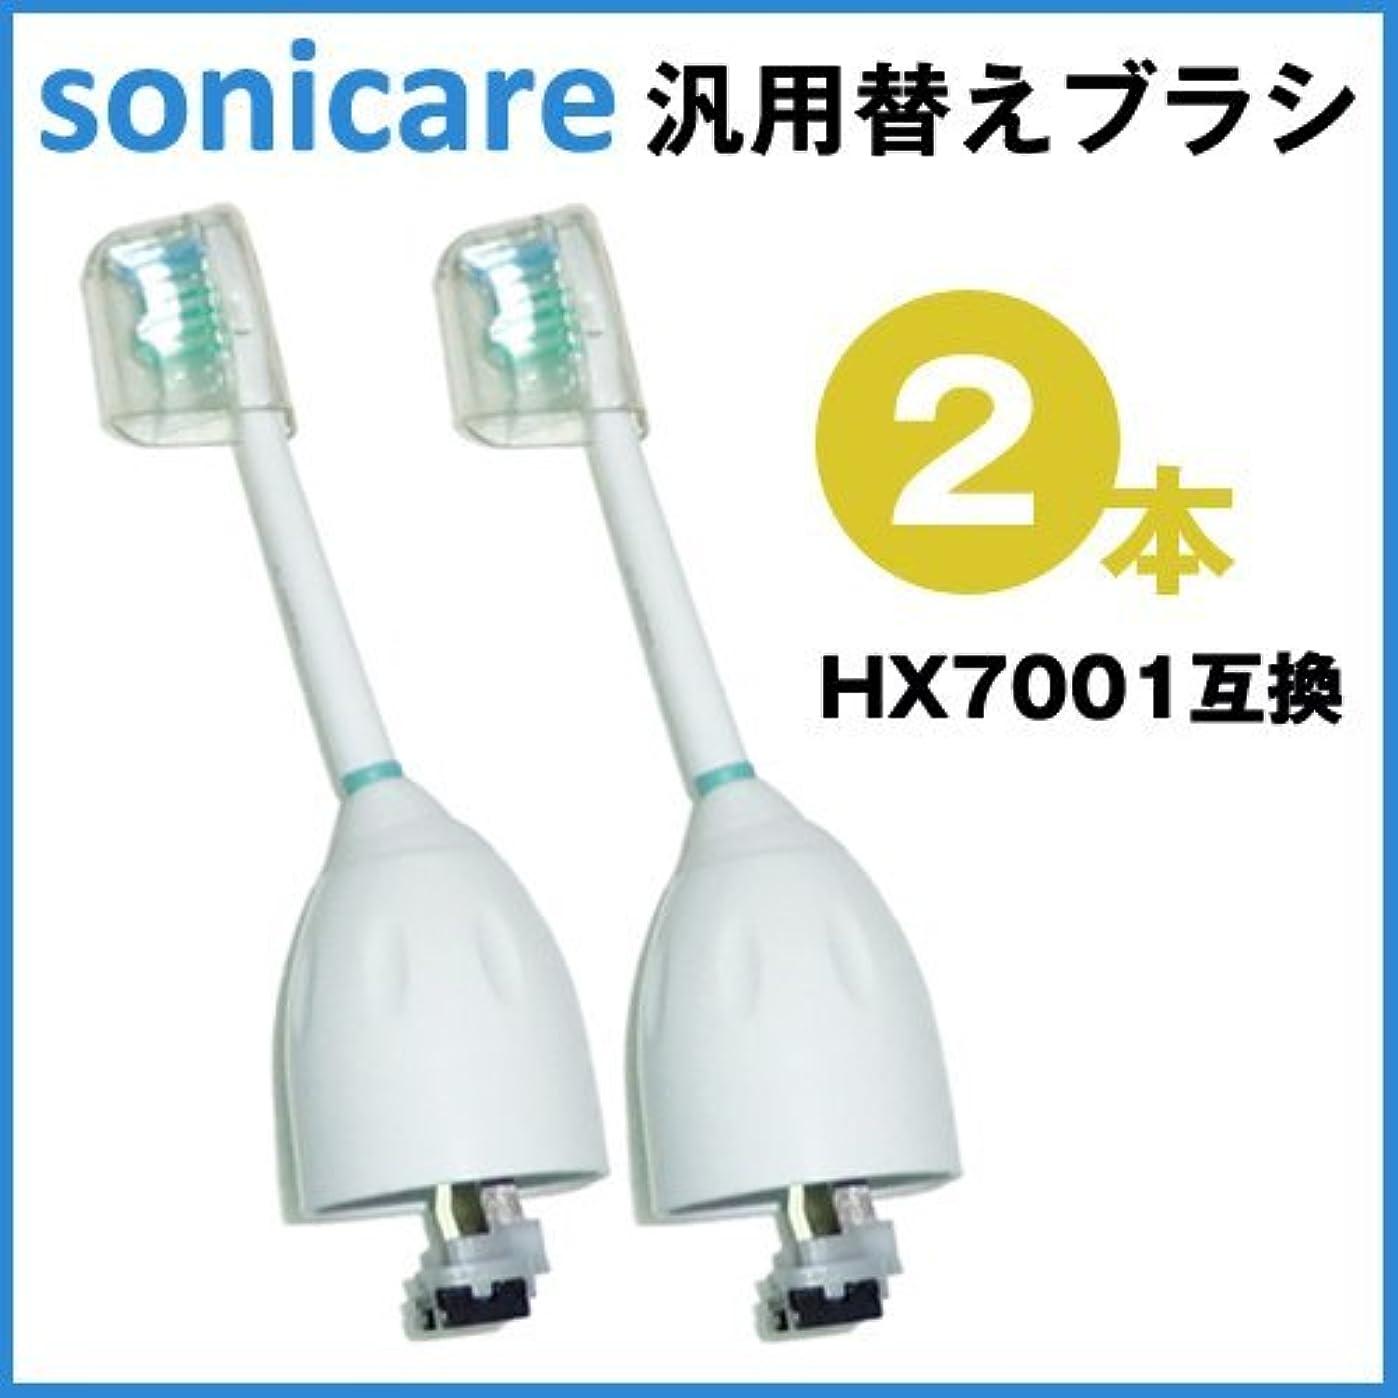 有効換気するメンバーフィリップス ソニッケア対応電動歯ブラシ 汎用替えブラシ hx7001 hx7001/06 hx7001/06 hx7002 hx7002/05 hx7002/22 [並行輸入品]